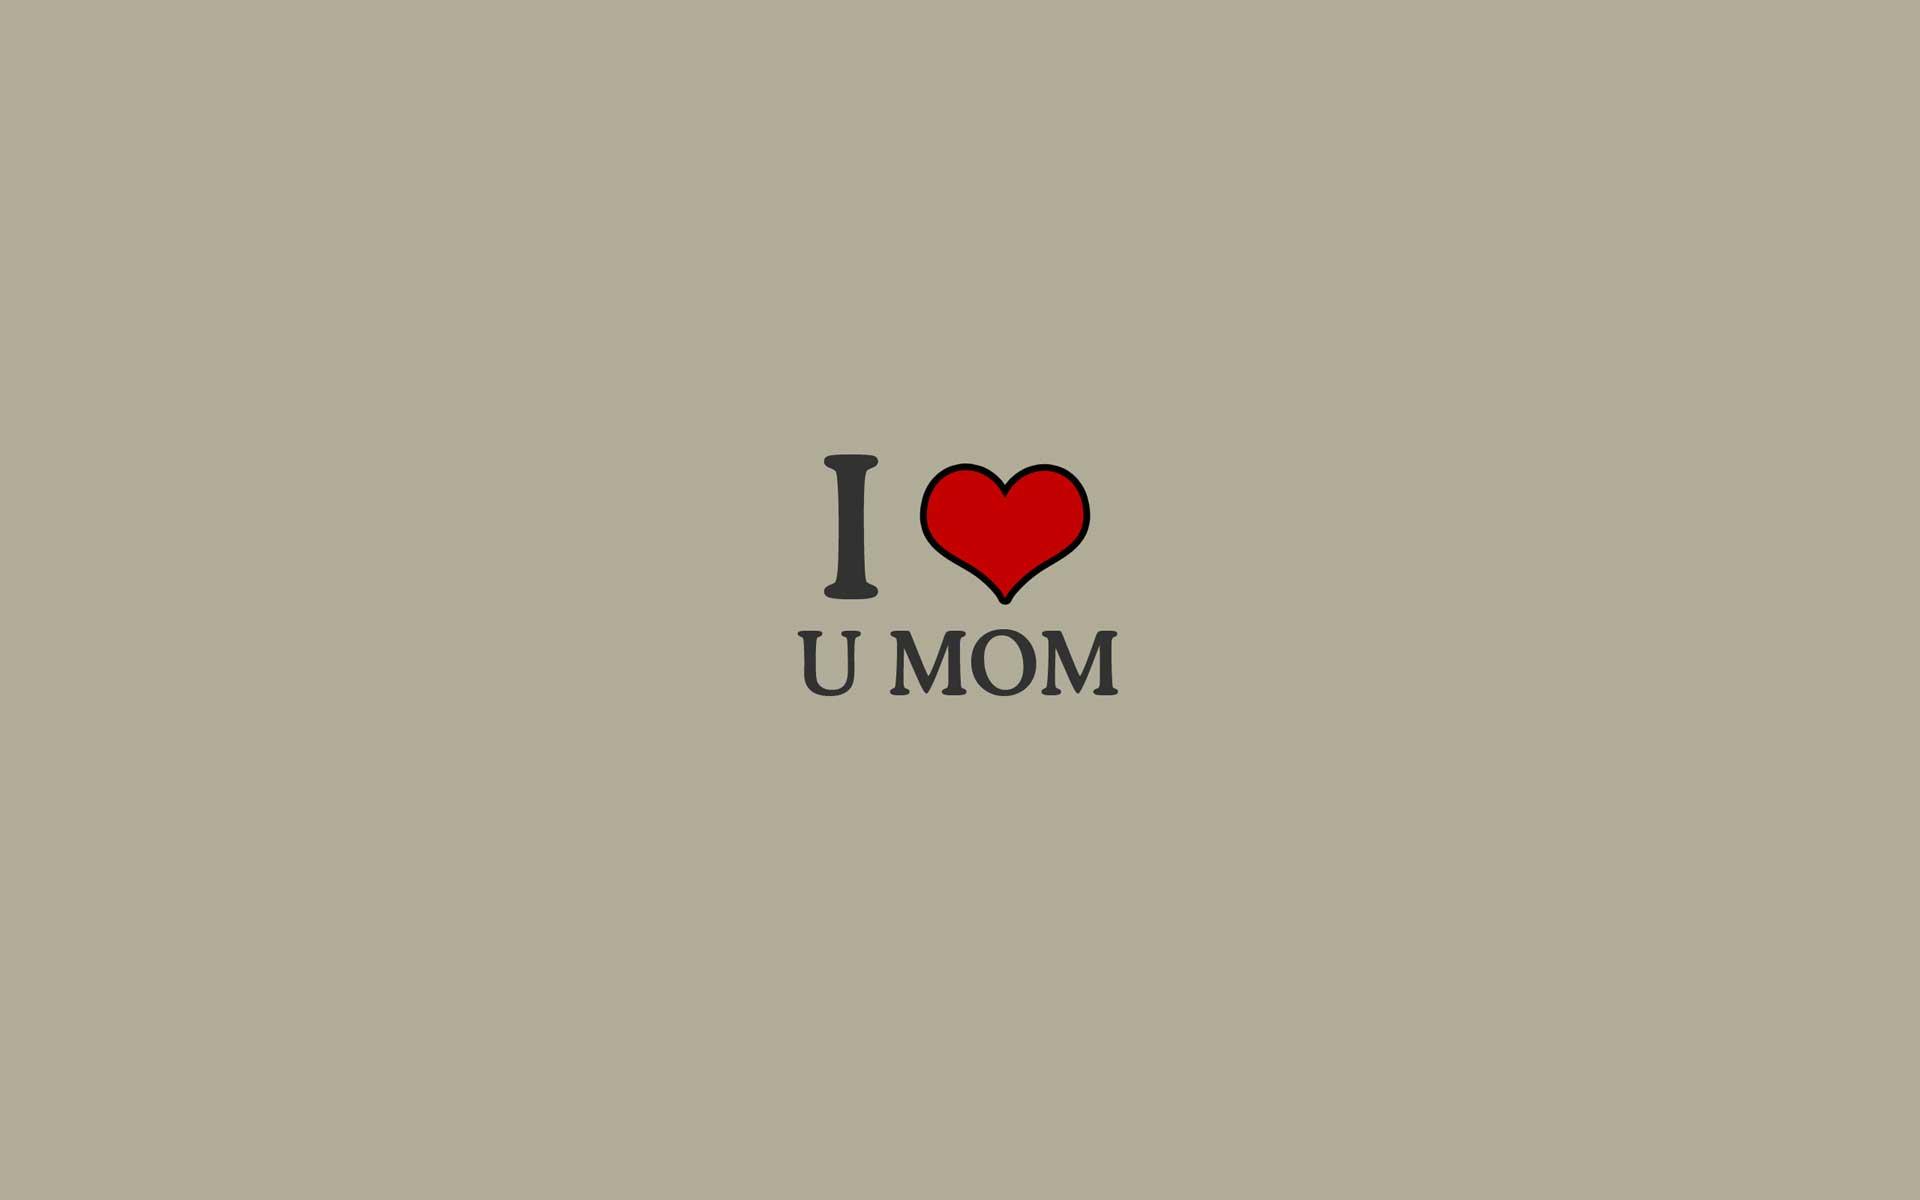 Love U Wallpapers Latest : I Love U Wallpapers Images - WallpaperSafari